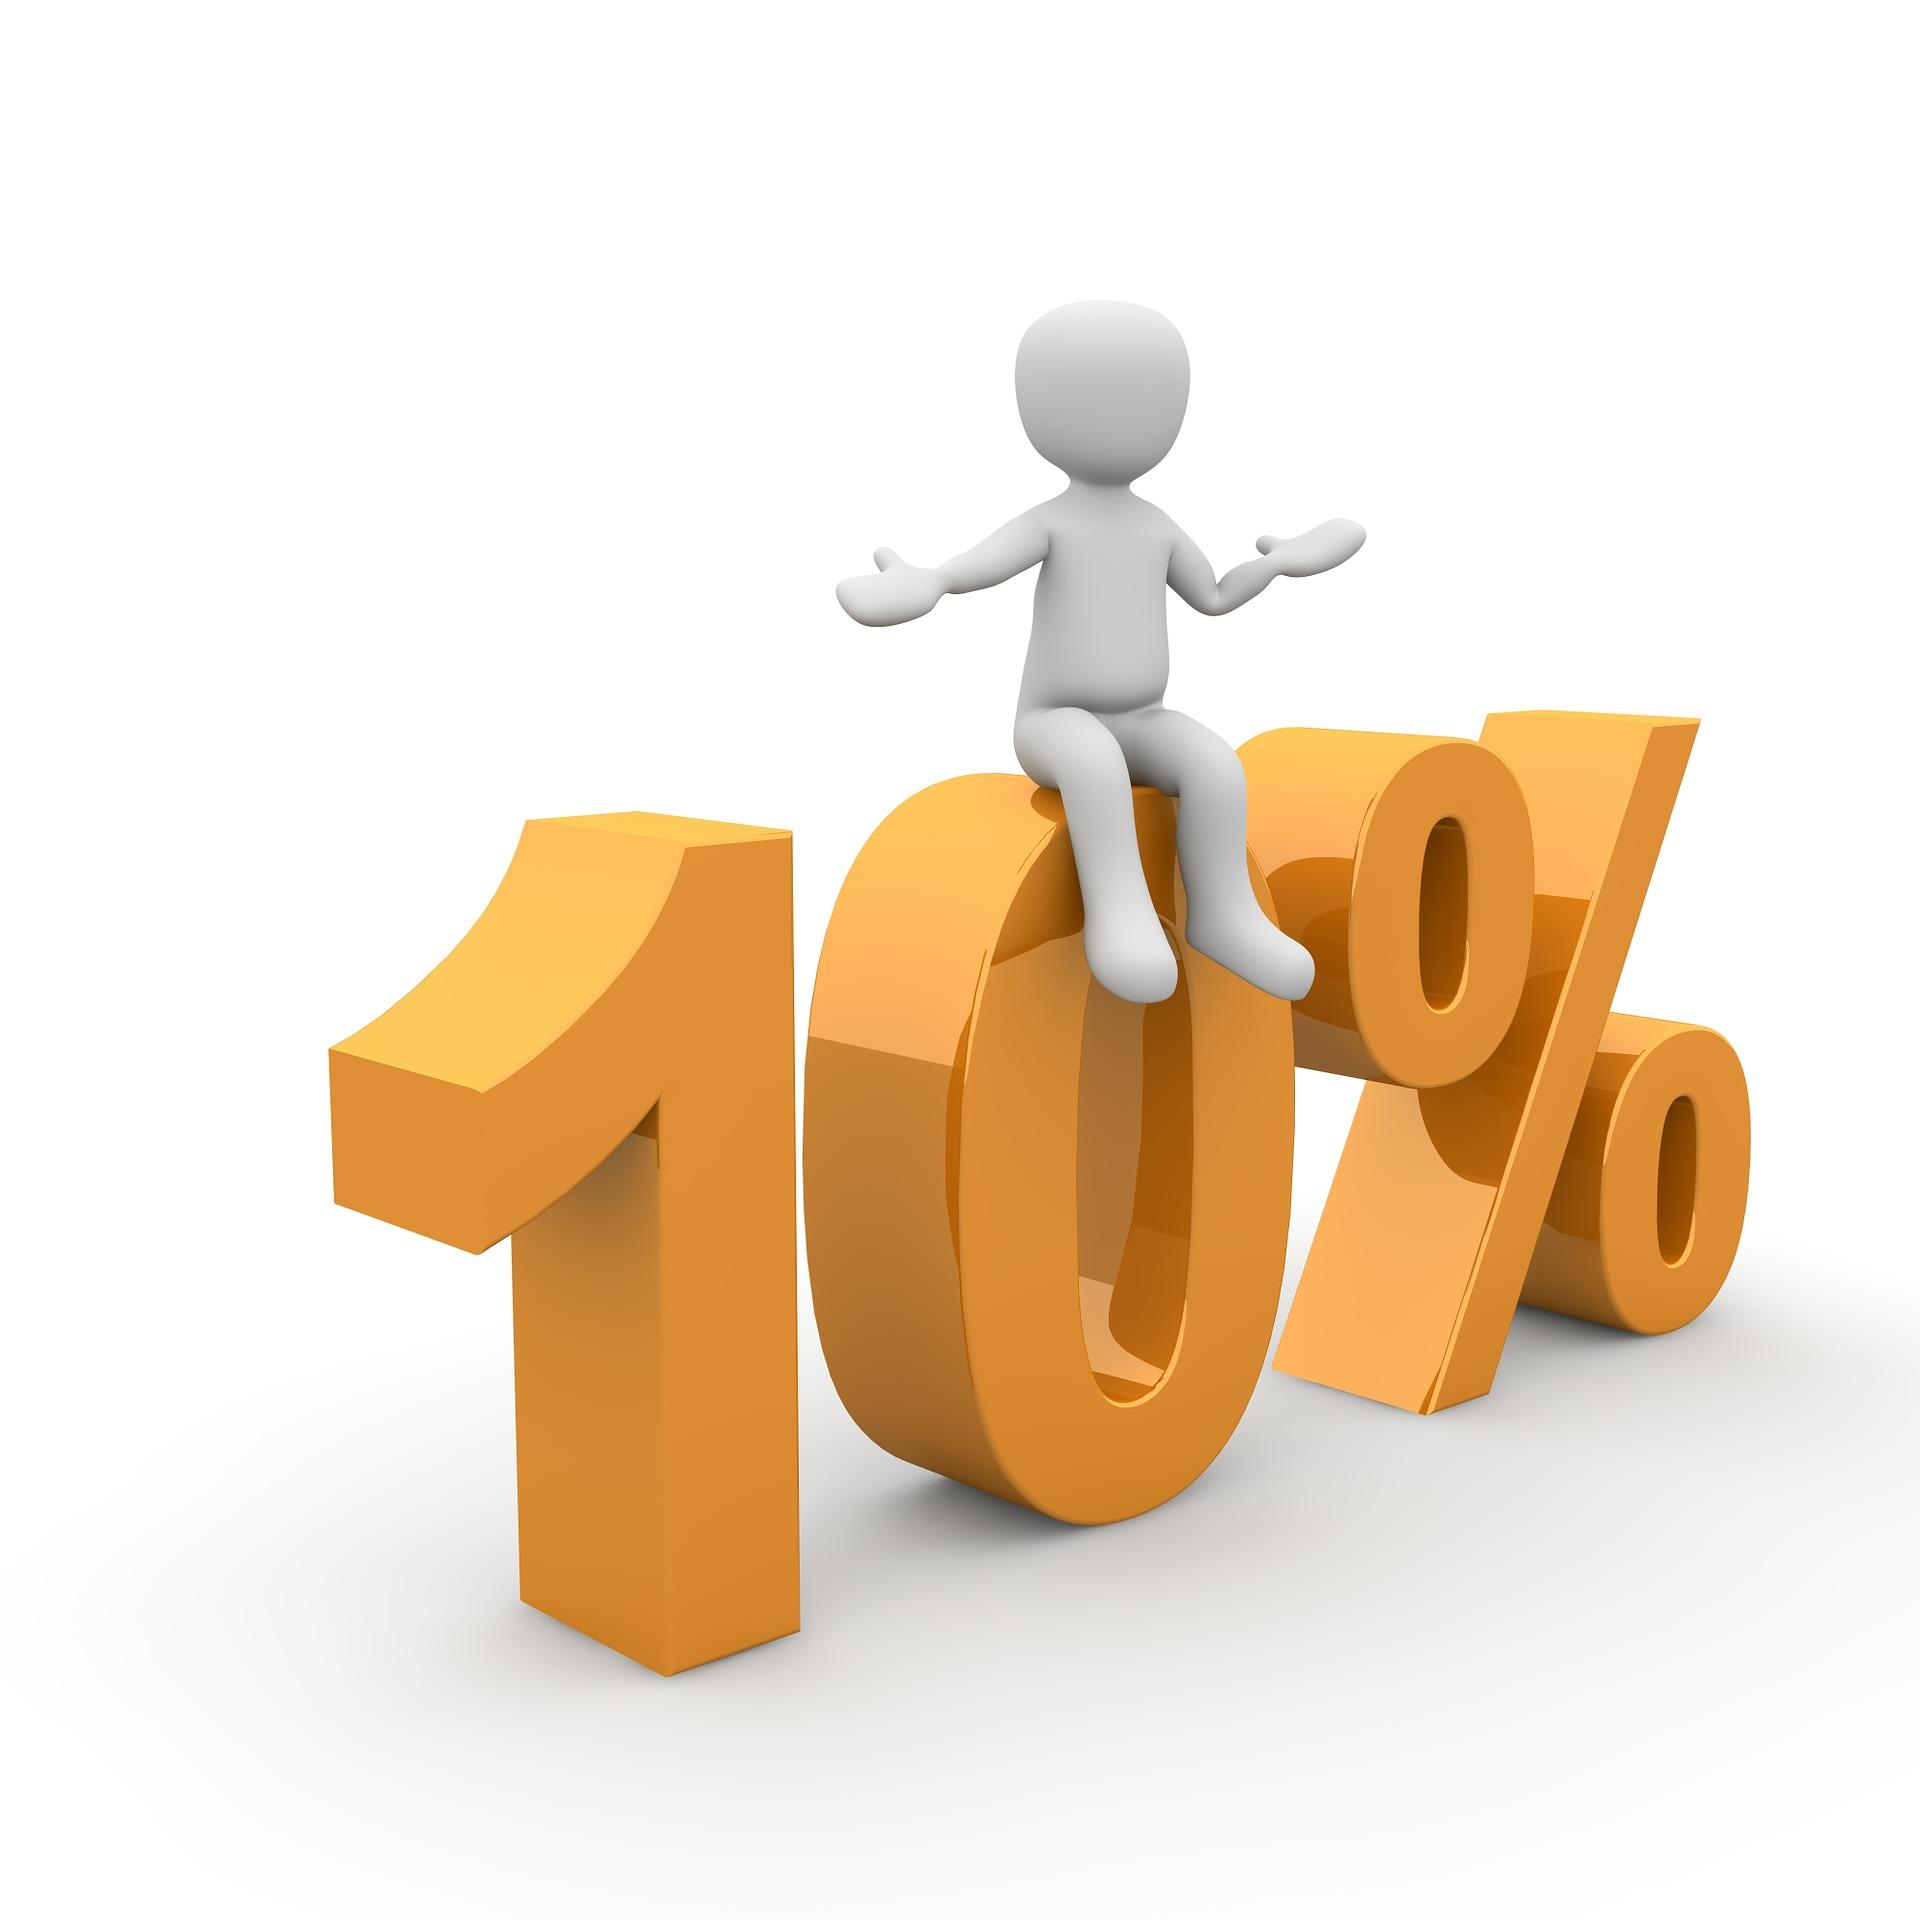 depozyt-forex-stan konta-trading-procent składany-scalping,renko,strategia renko,treder,dax,waluty,konto,broker